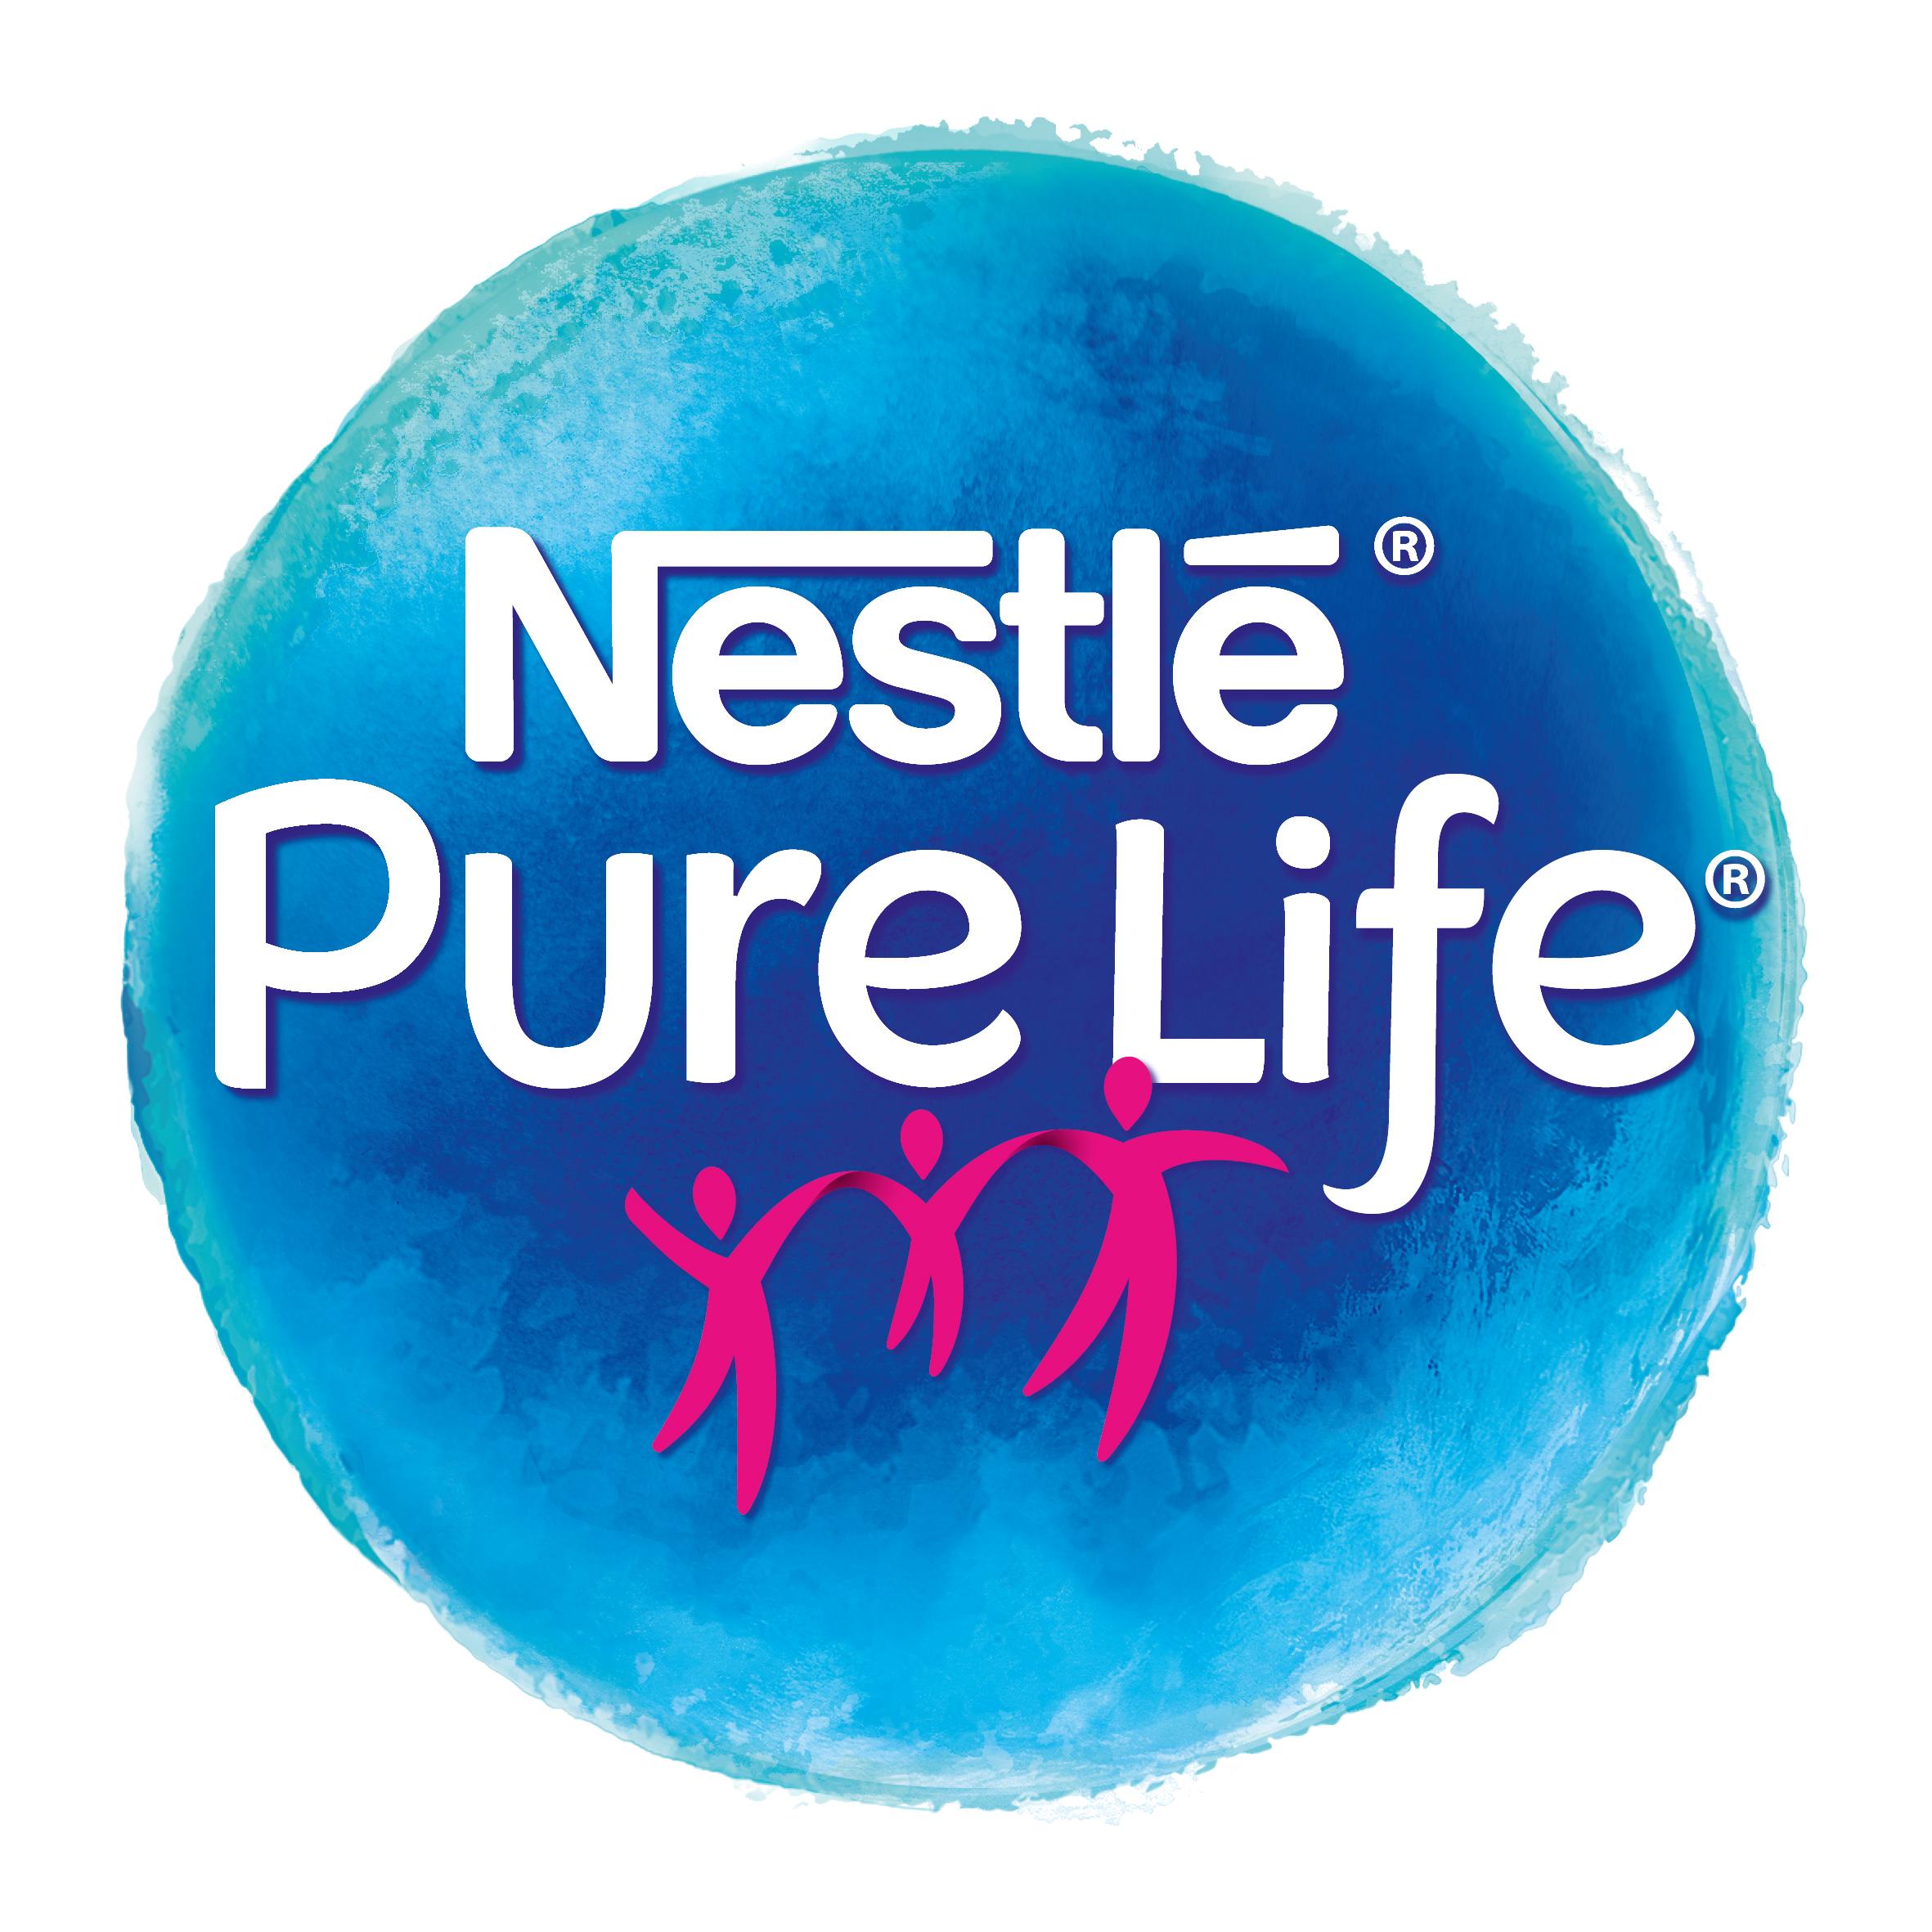 """Nestlé Pure Life """"iyi gelecek"""" için koşuyor!"""